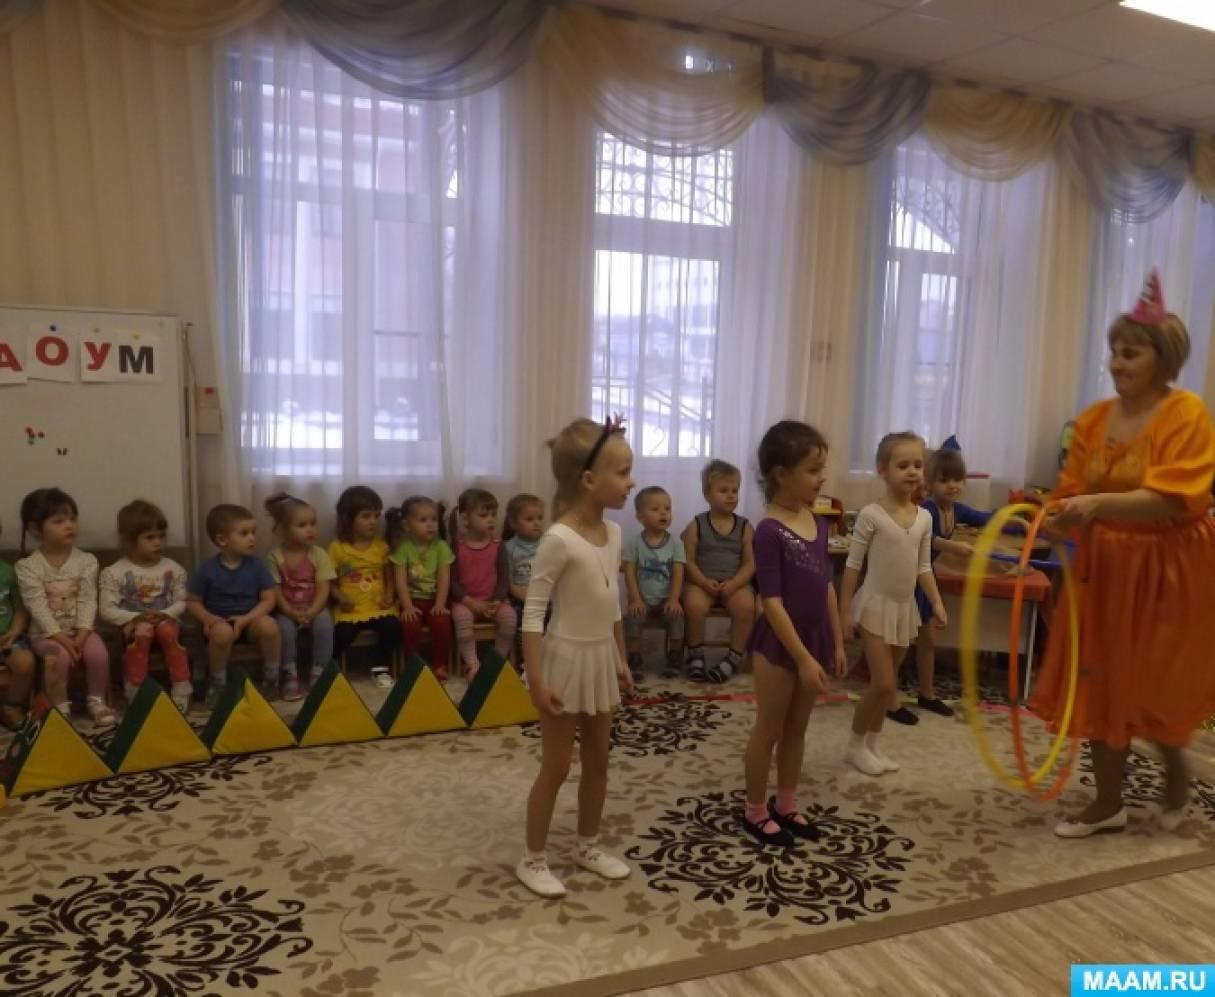 Фотоотчет о проведении сюжетно-ролевой игры «Цирк» в старшей группе